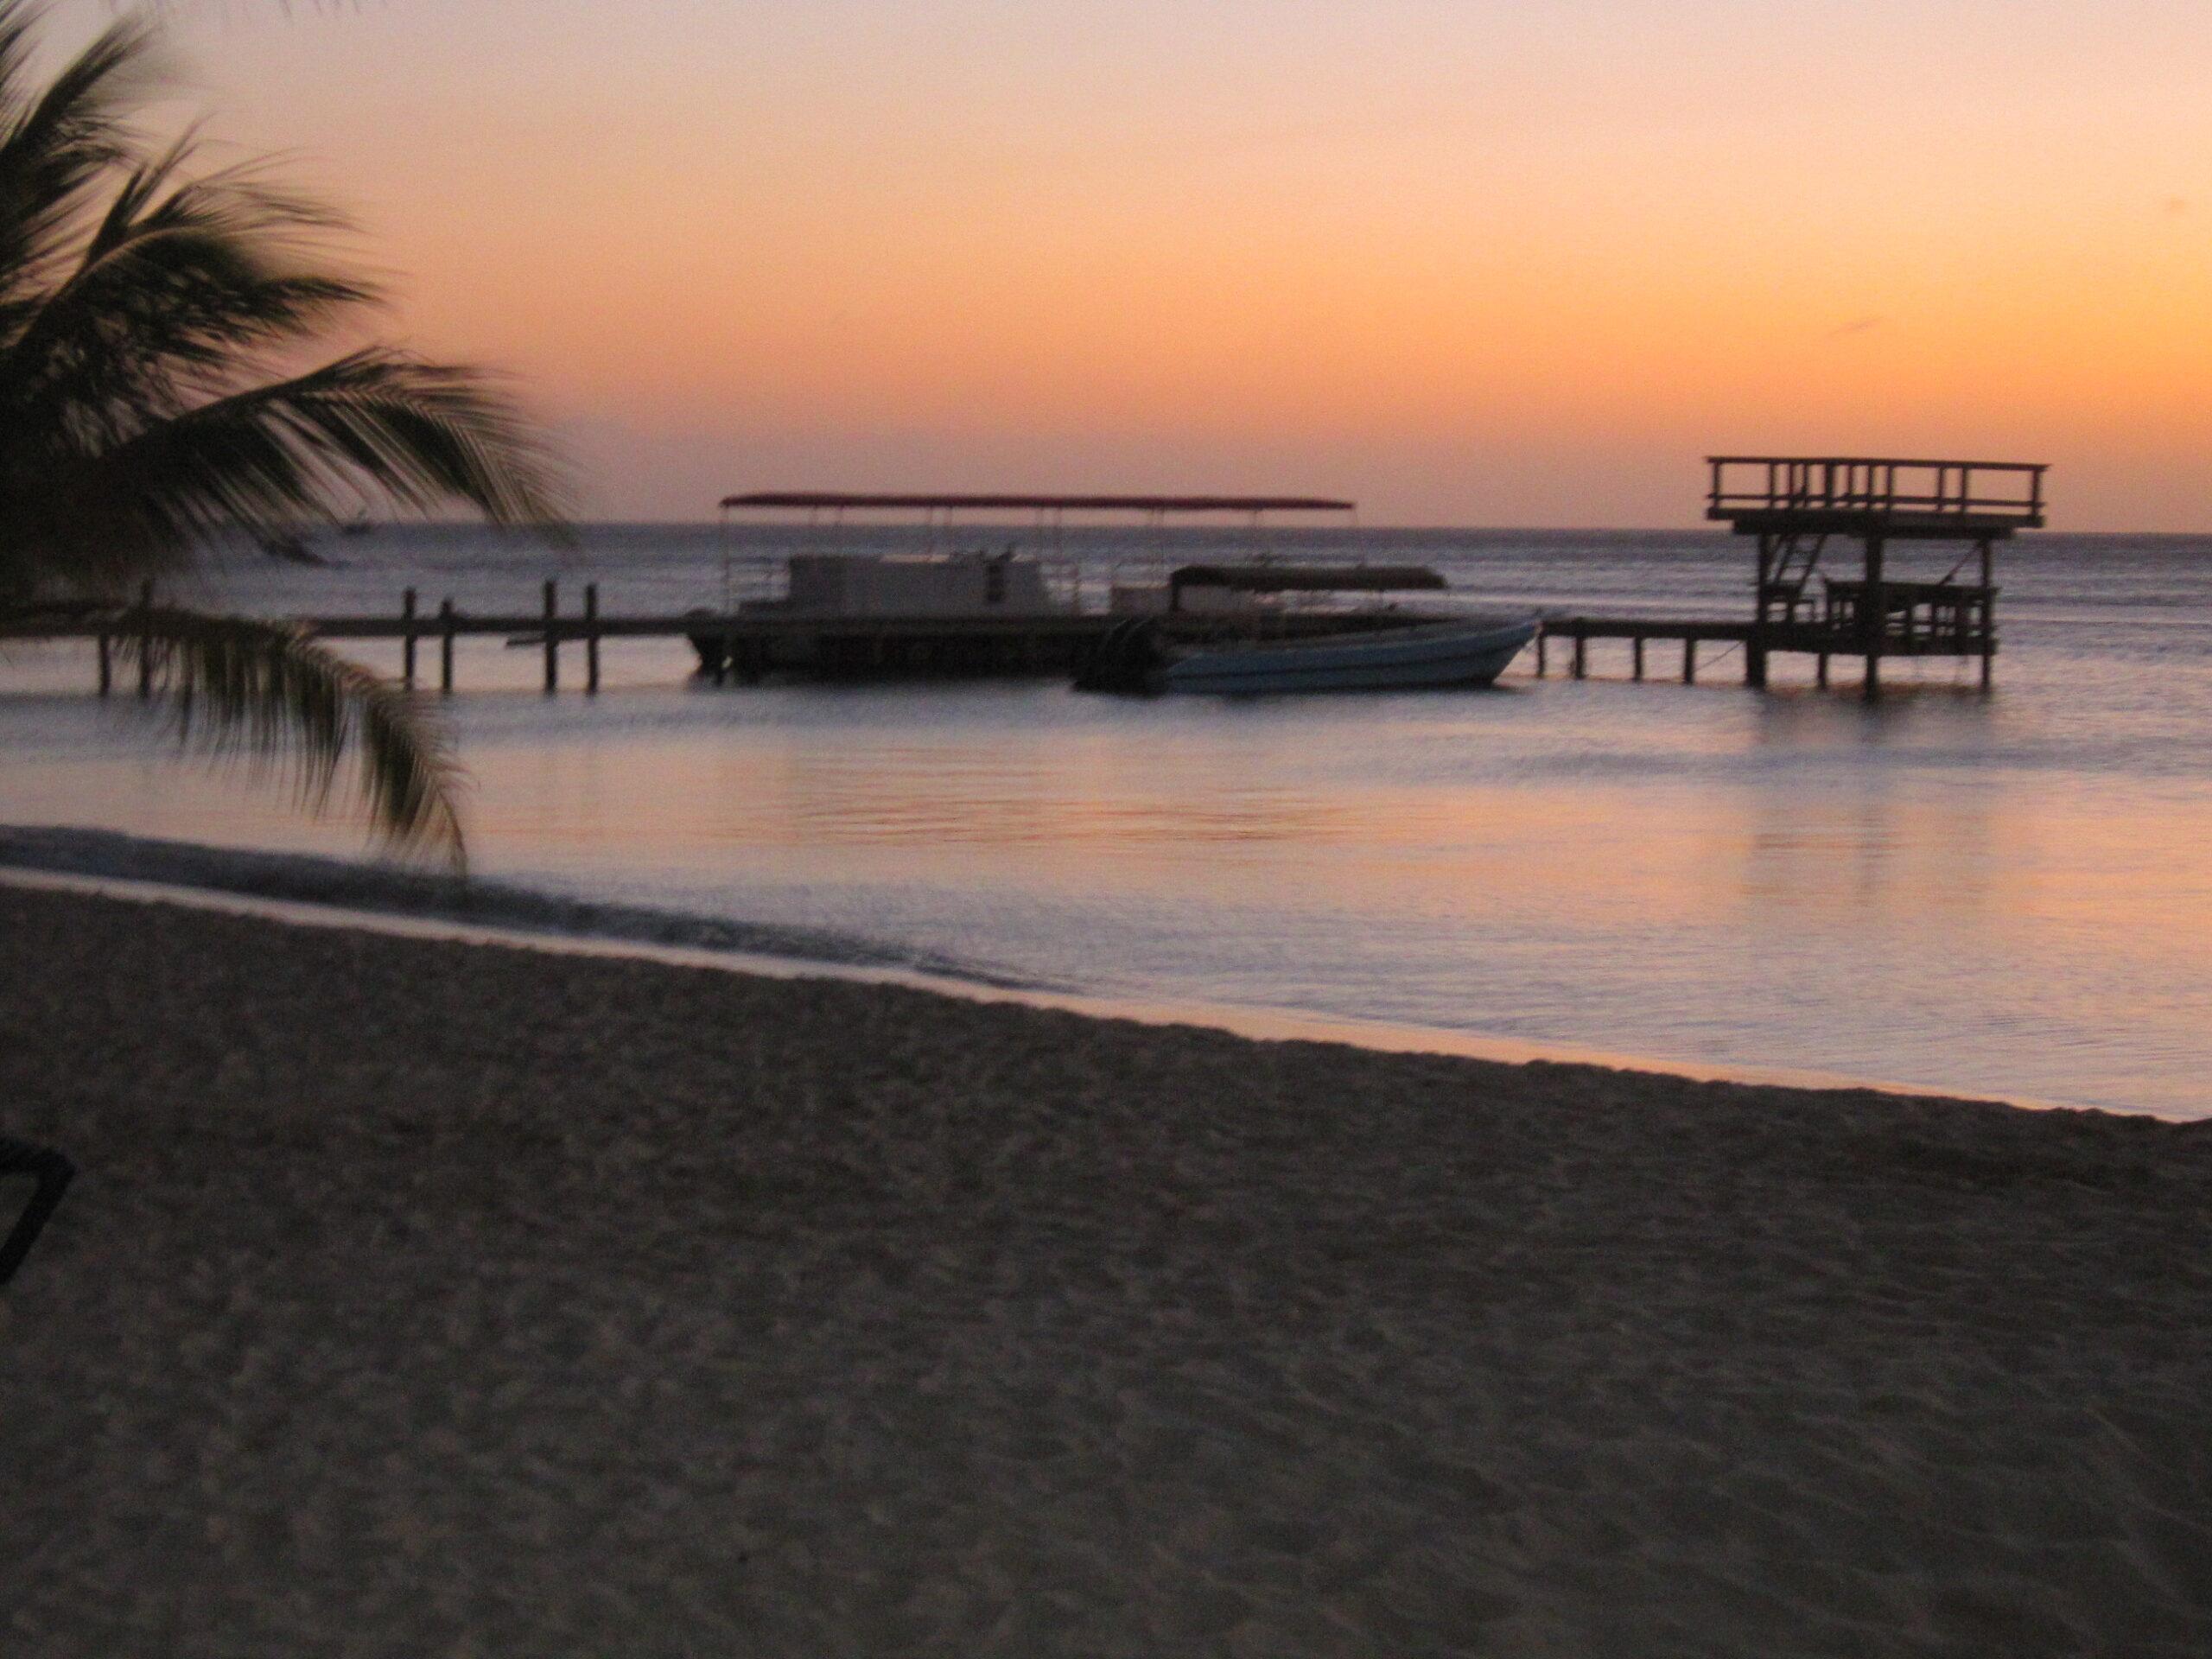 La lumaca dalla lingua di fenicottero (Cyphoma gibbosum) vive nei mari caldi, in particolare nei tratti tropicali dell'Oceano Atlantico occidentale, dalla Carolina del Nord alla costa settentrionale del Brasile. È diffusissimo nelle Bermuda, nel Mar dei Caraibi, nel Golfo del Messico e al largo delle Piccole Antille.